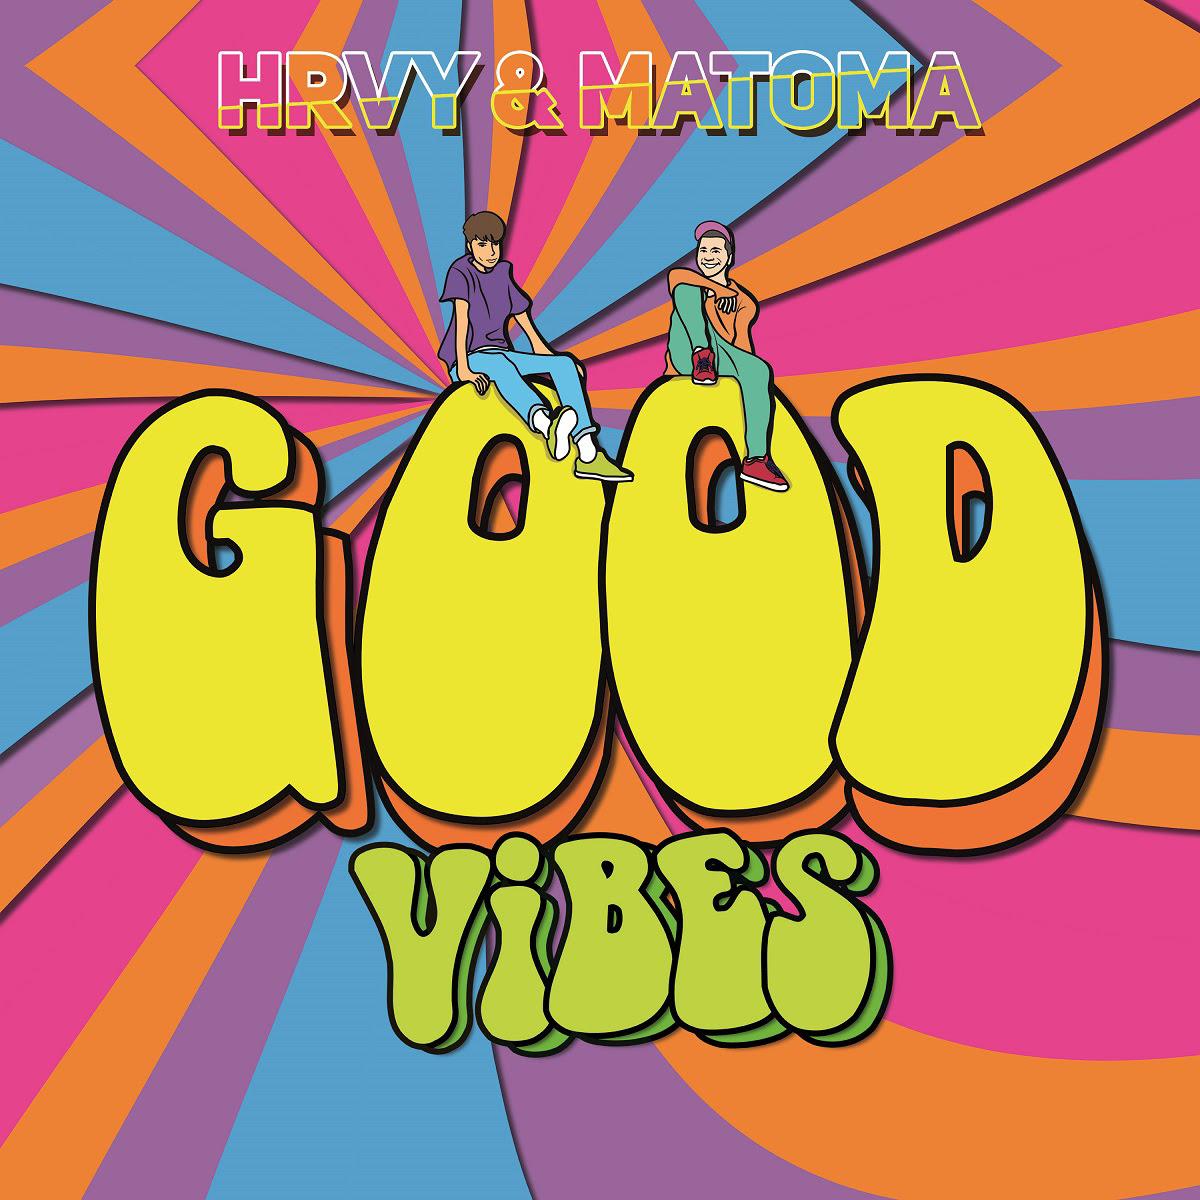 HRVY、夏の終わりにピッタリな新曲「Good Vibes」をリリースサムネイル画像